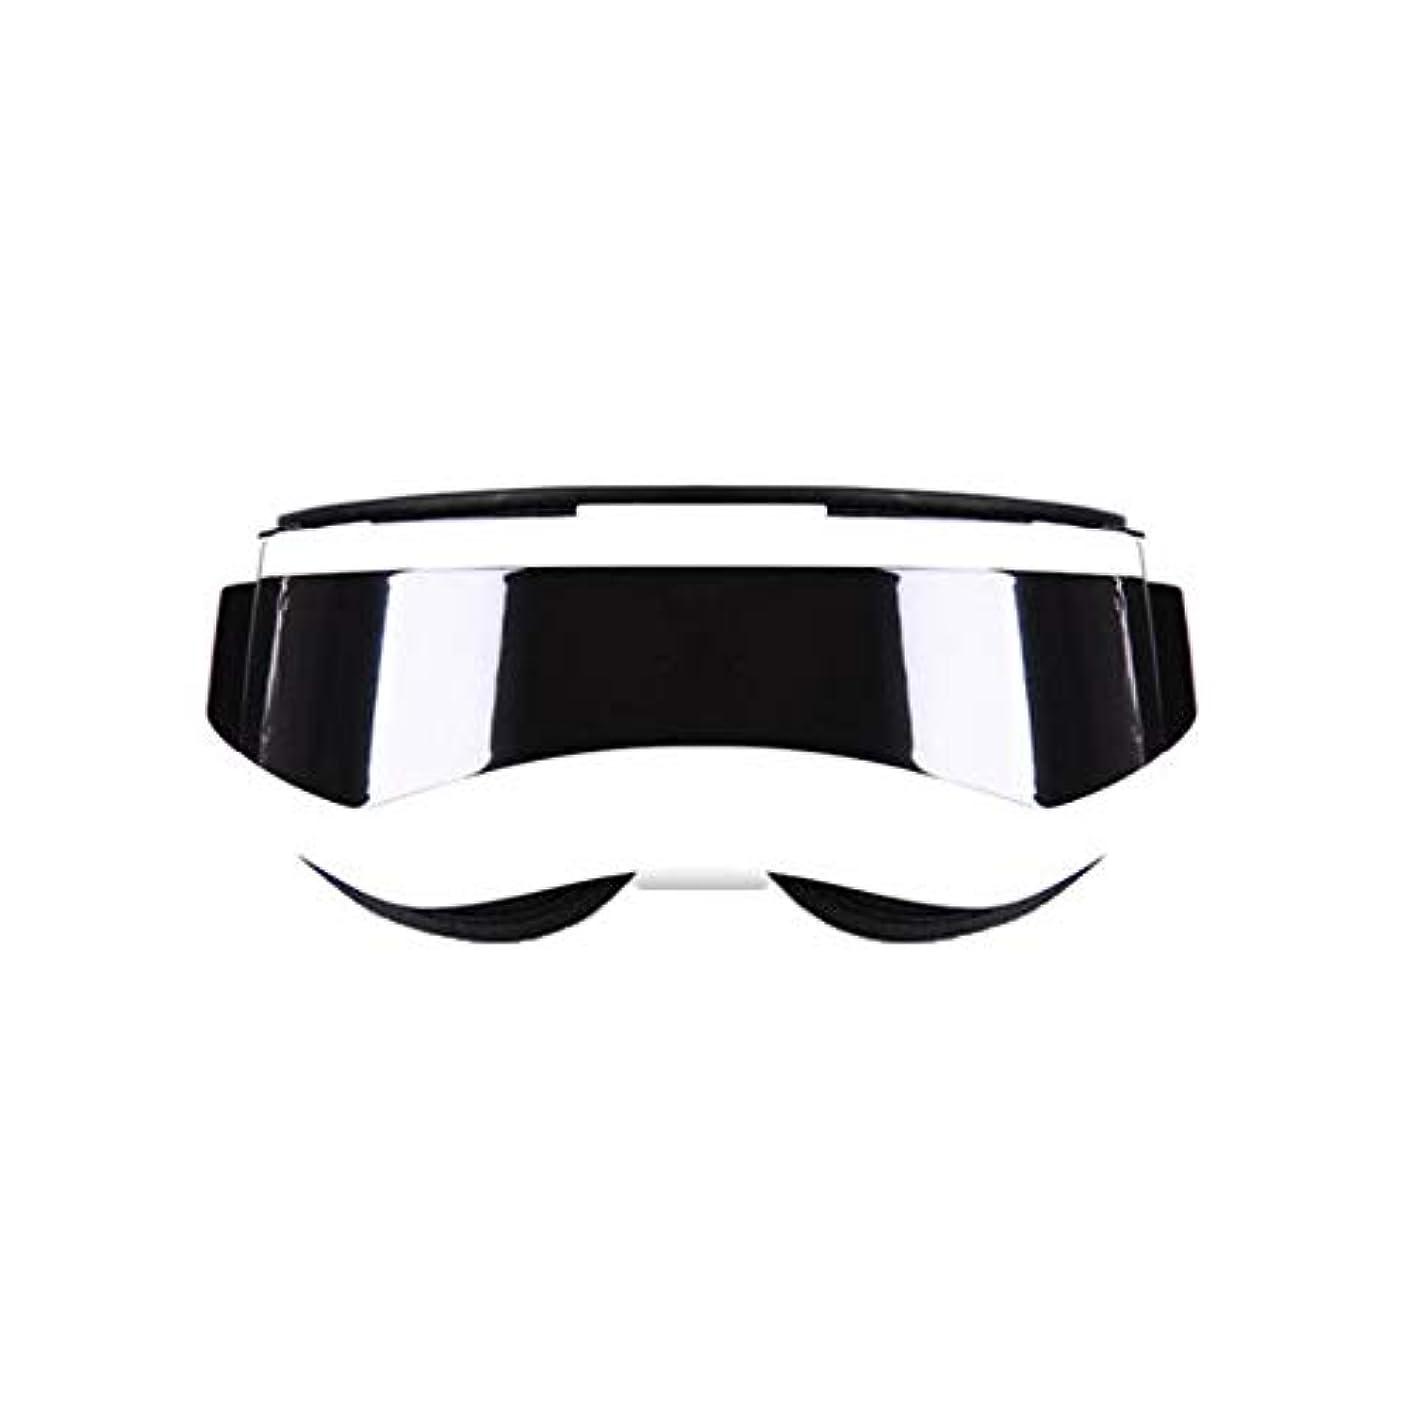 アルミニウム民主主義ボックスマッサージ - マッサージホット - コンプレッション疲労ダークサークルアイマスクビジョン (Color : Pearl White)